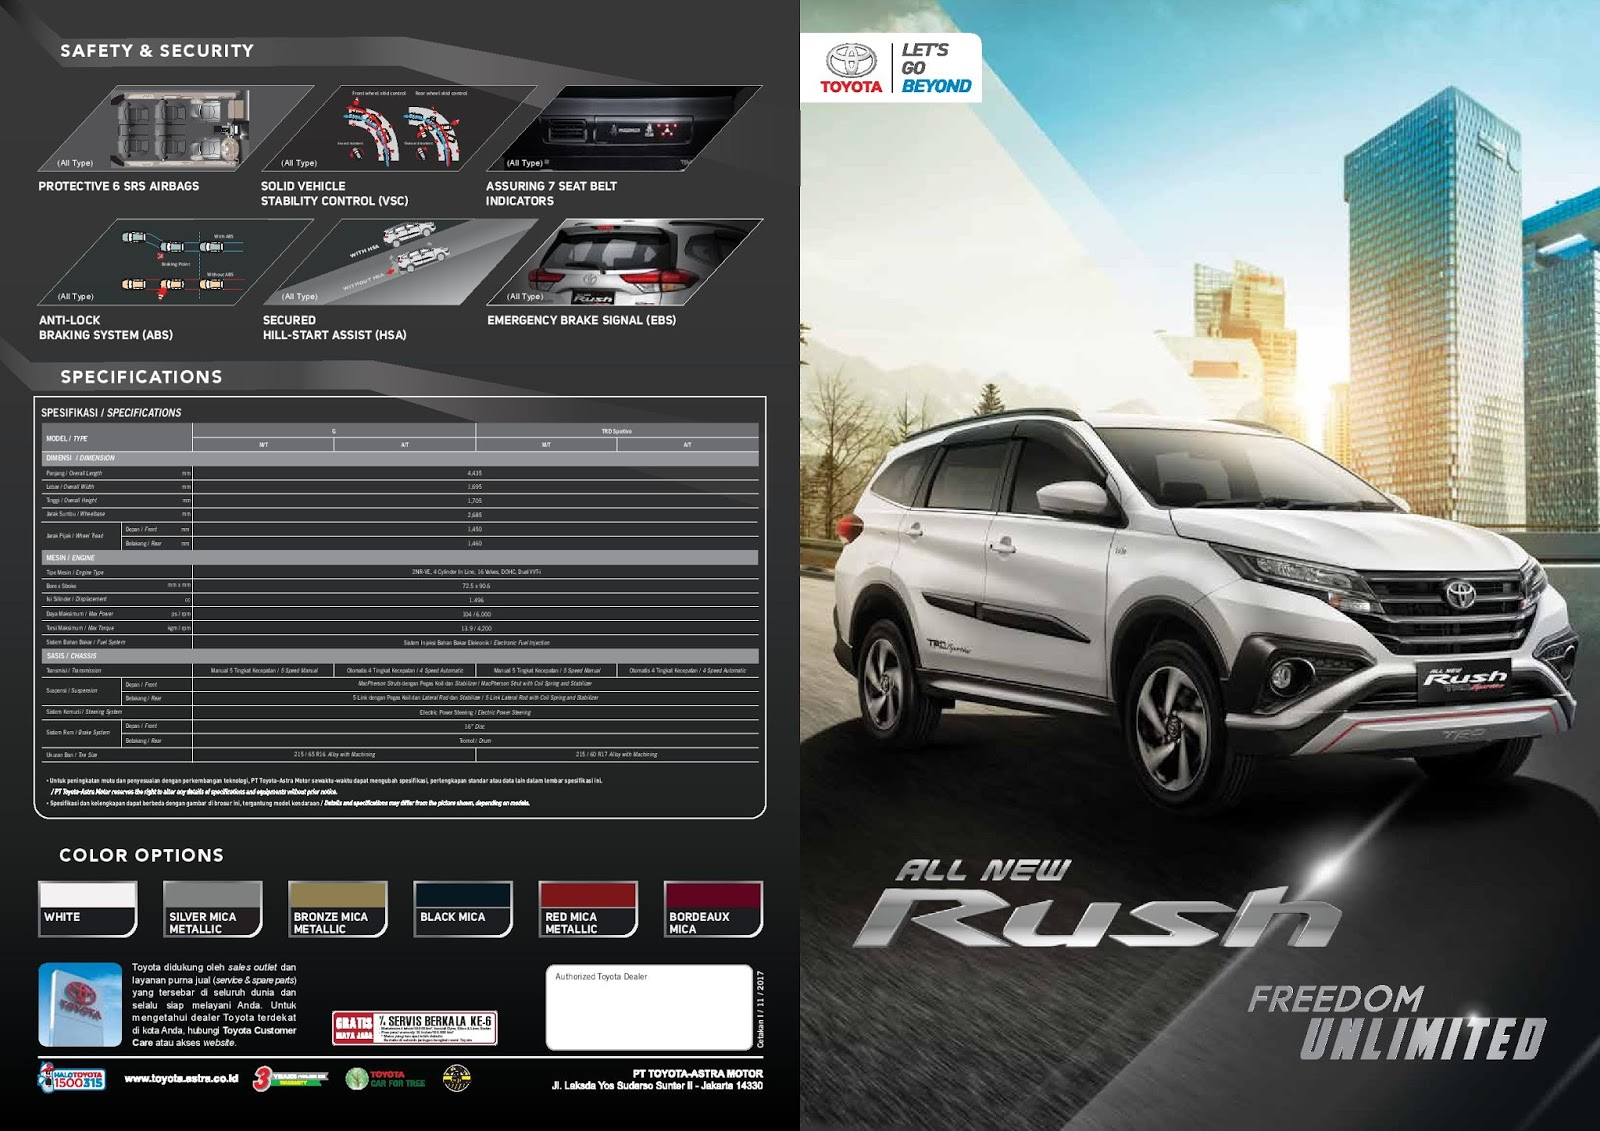 spesifikasi grand new avanza 2018 ukuran veloz brosur all toyota rush pekanbaru